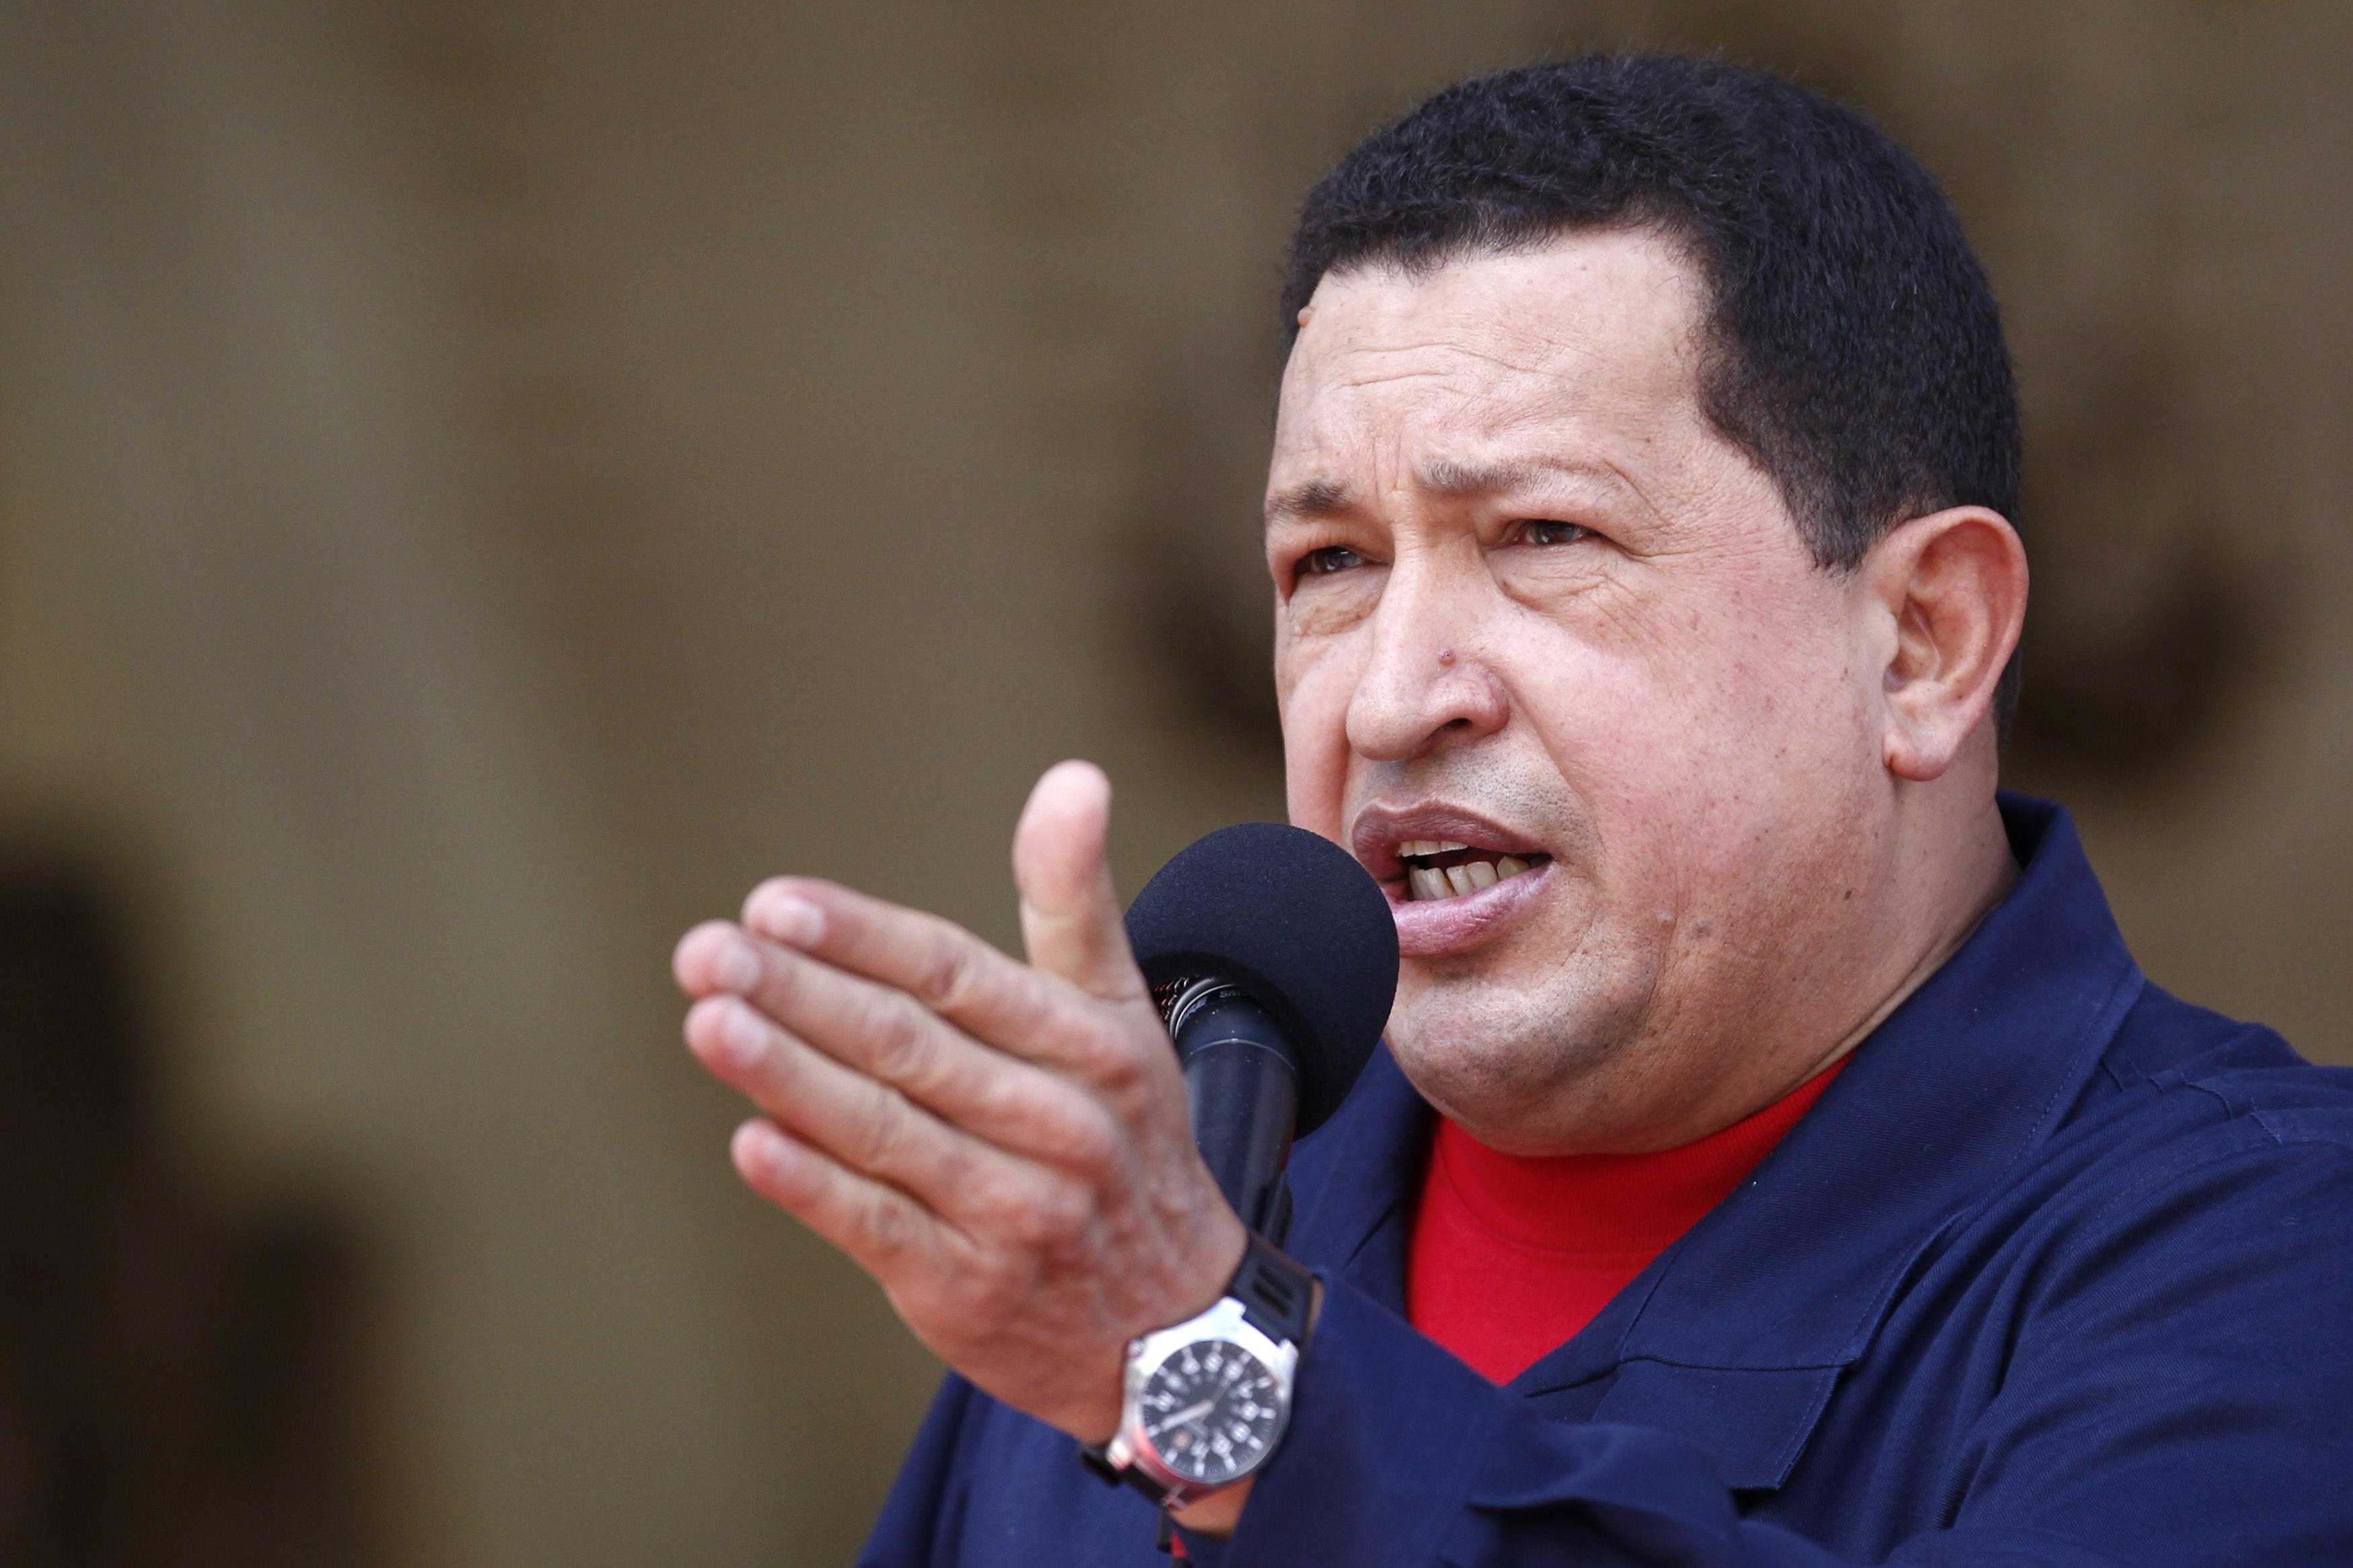 Tenor observaturs vegnia il president da Venezuela a sa retrair da la politica.